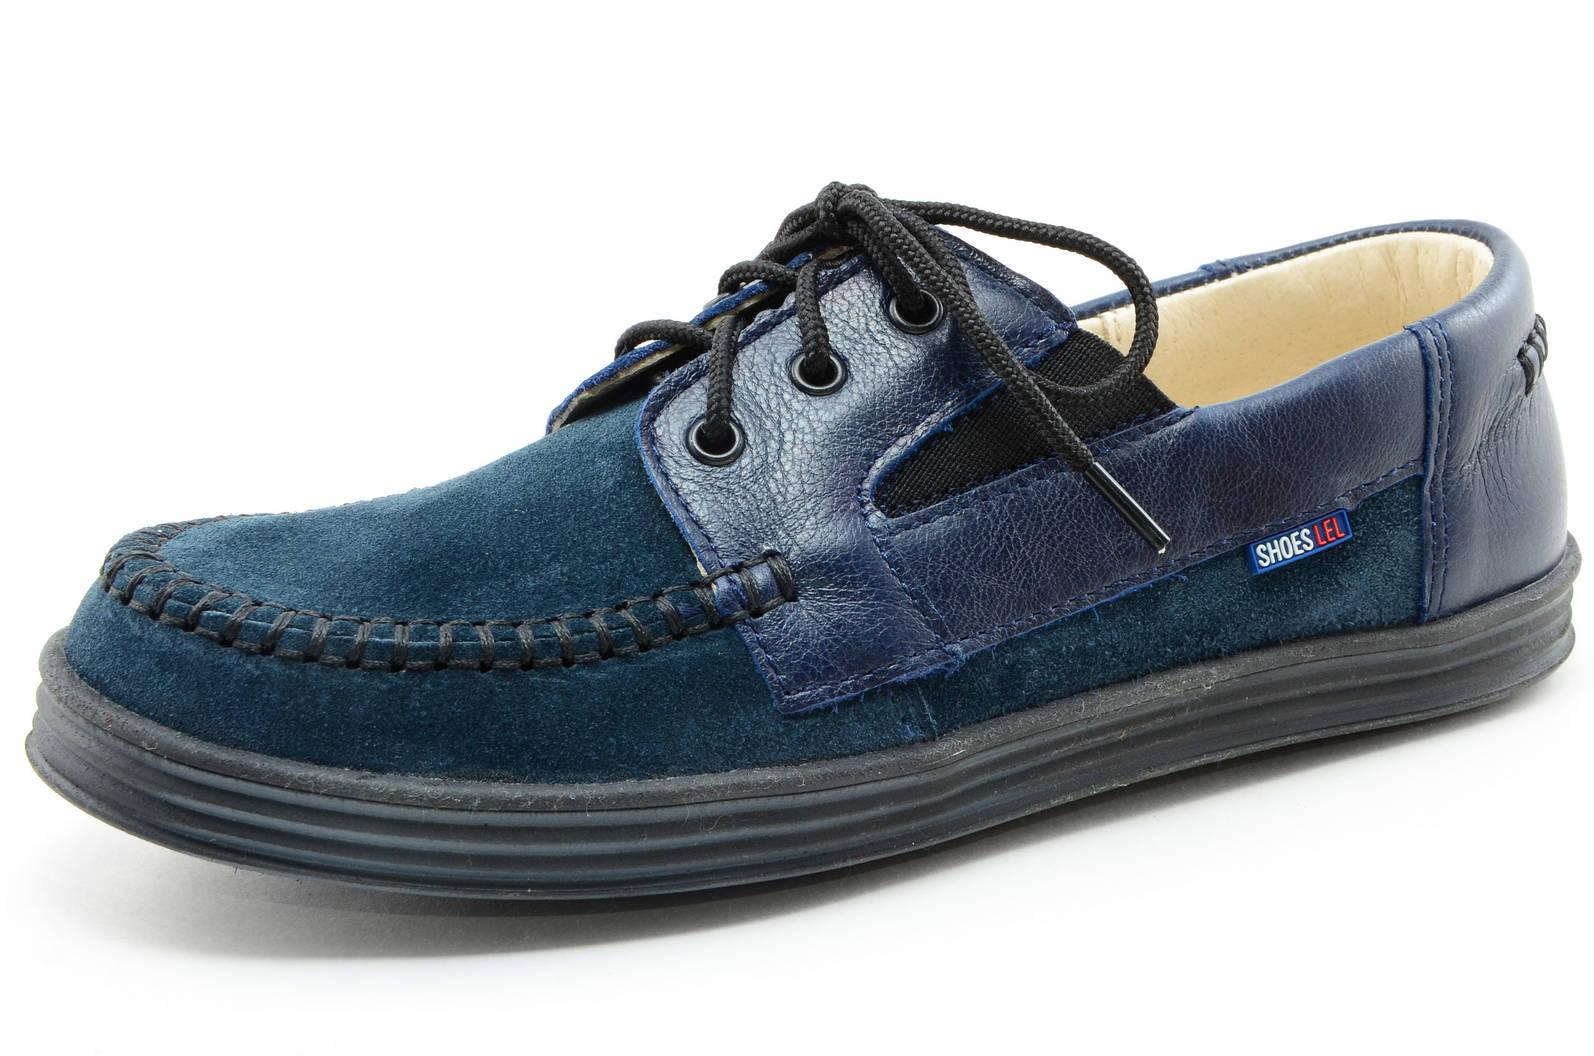 Ботинки для мальчиков кожаные Лель (LEL) на шнурках, цвет темно синий